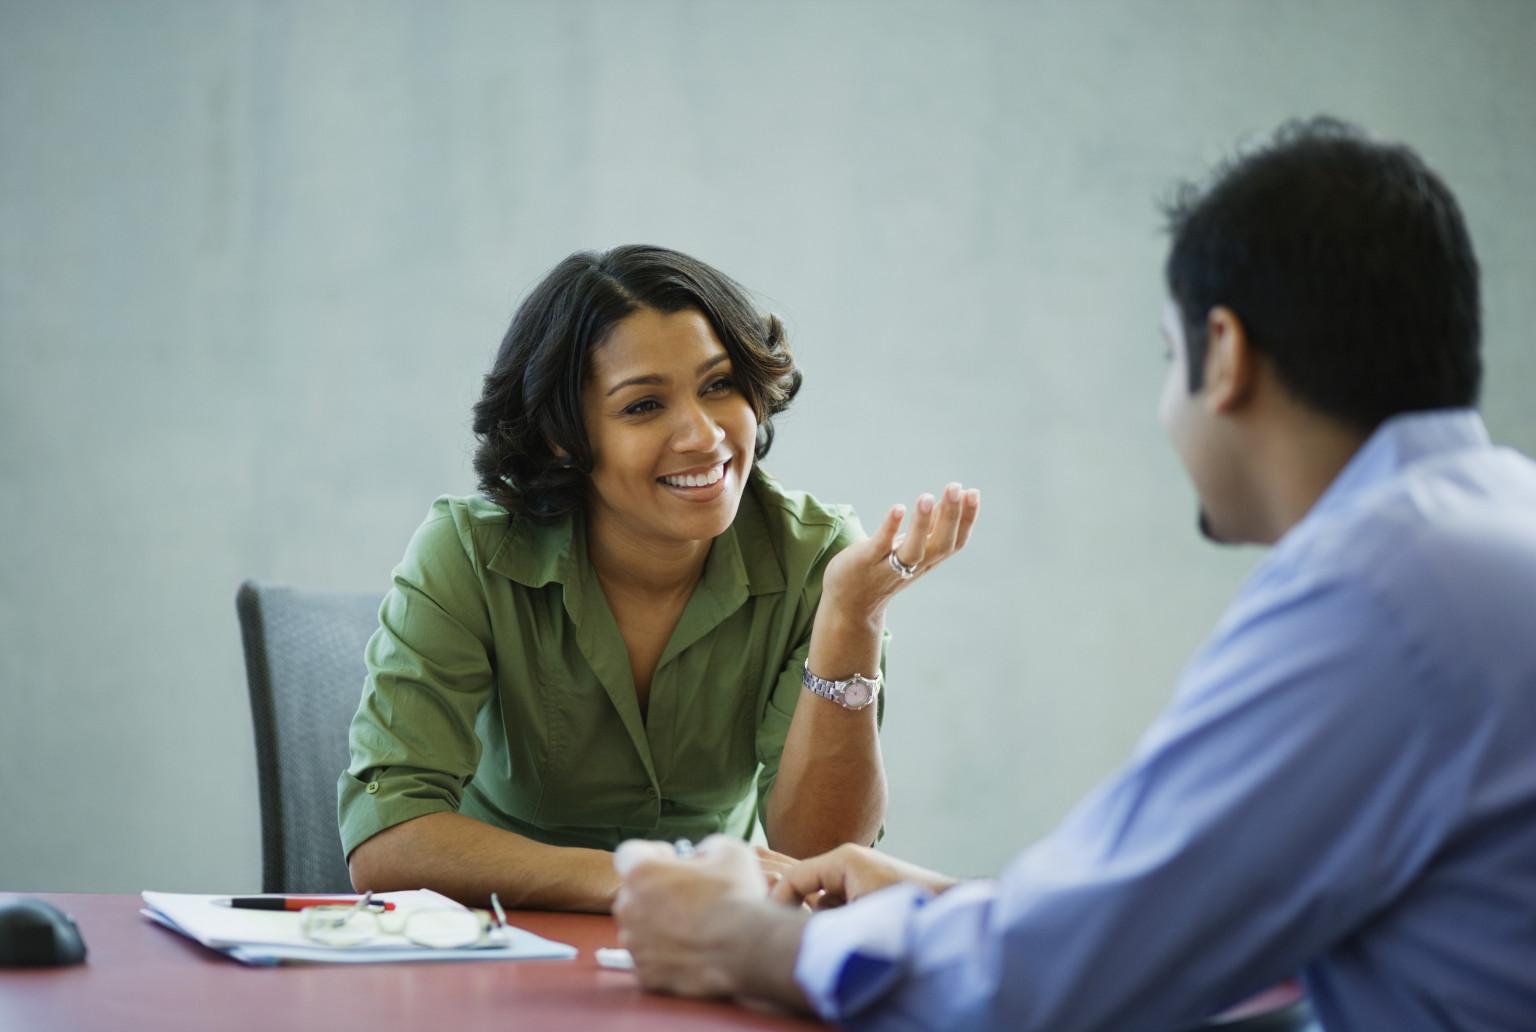 1. 對話的一開始,面帶微笑!  就算是尷尬不熟的關係,也不會有人對面對微笑的人感到不舒服! 如果笑不出來的話,可以想著一些讓人會心一笑的事情,有助於露出笑容唷!